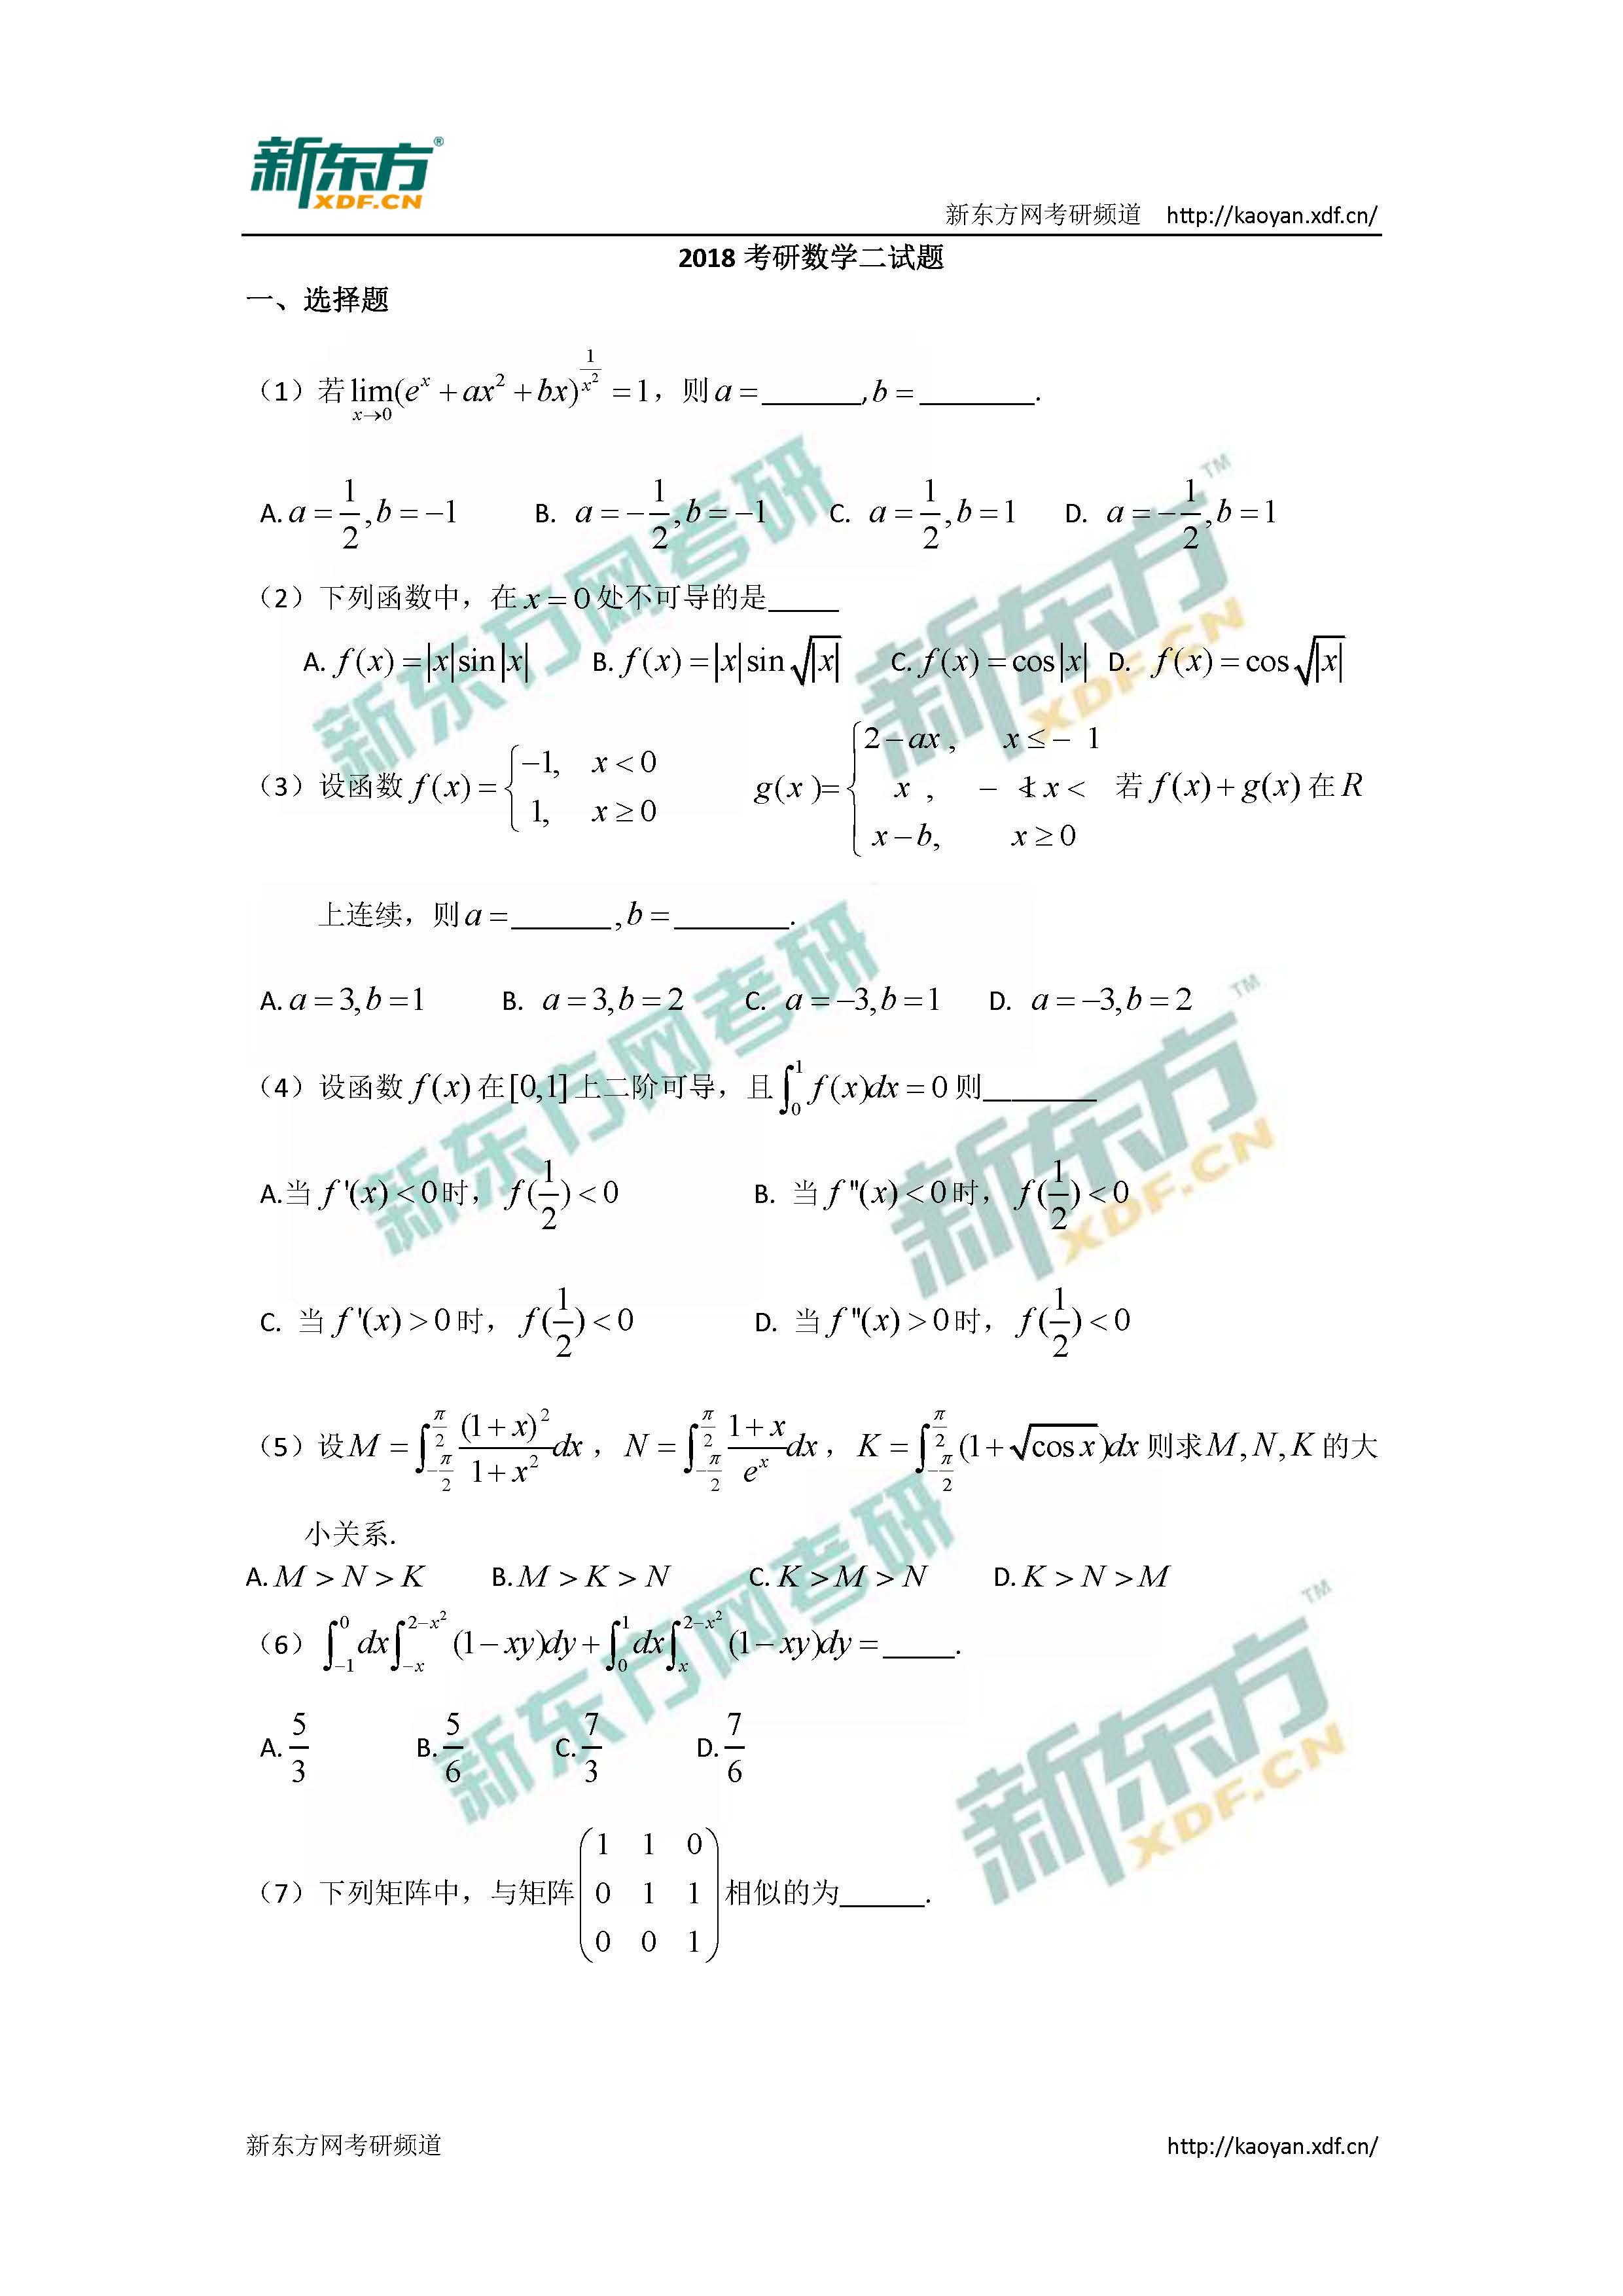 2018考研数学二选择题真题word版(新东方版)